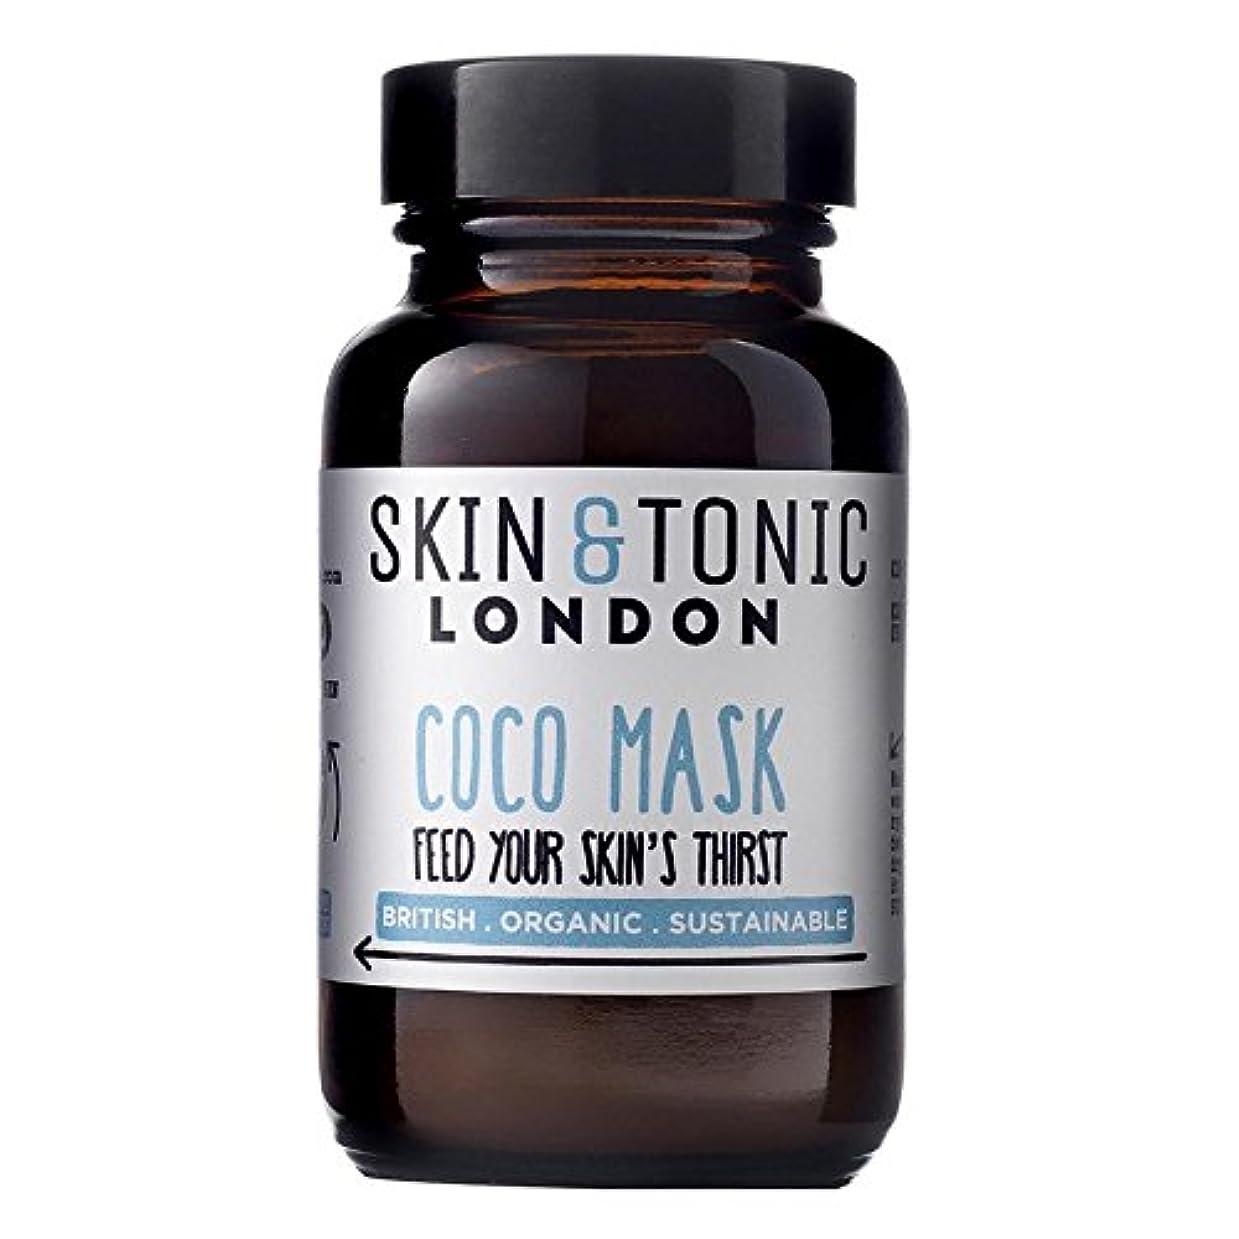 手のひら四半期揃えるSkin & Tonic London Coco Mask 50g - スキン&トニックロンドンココマスク50グラム [並行輸入品]